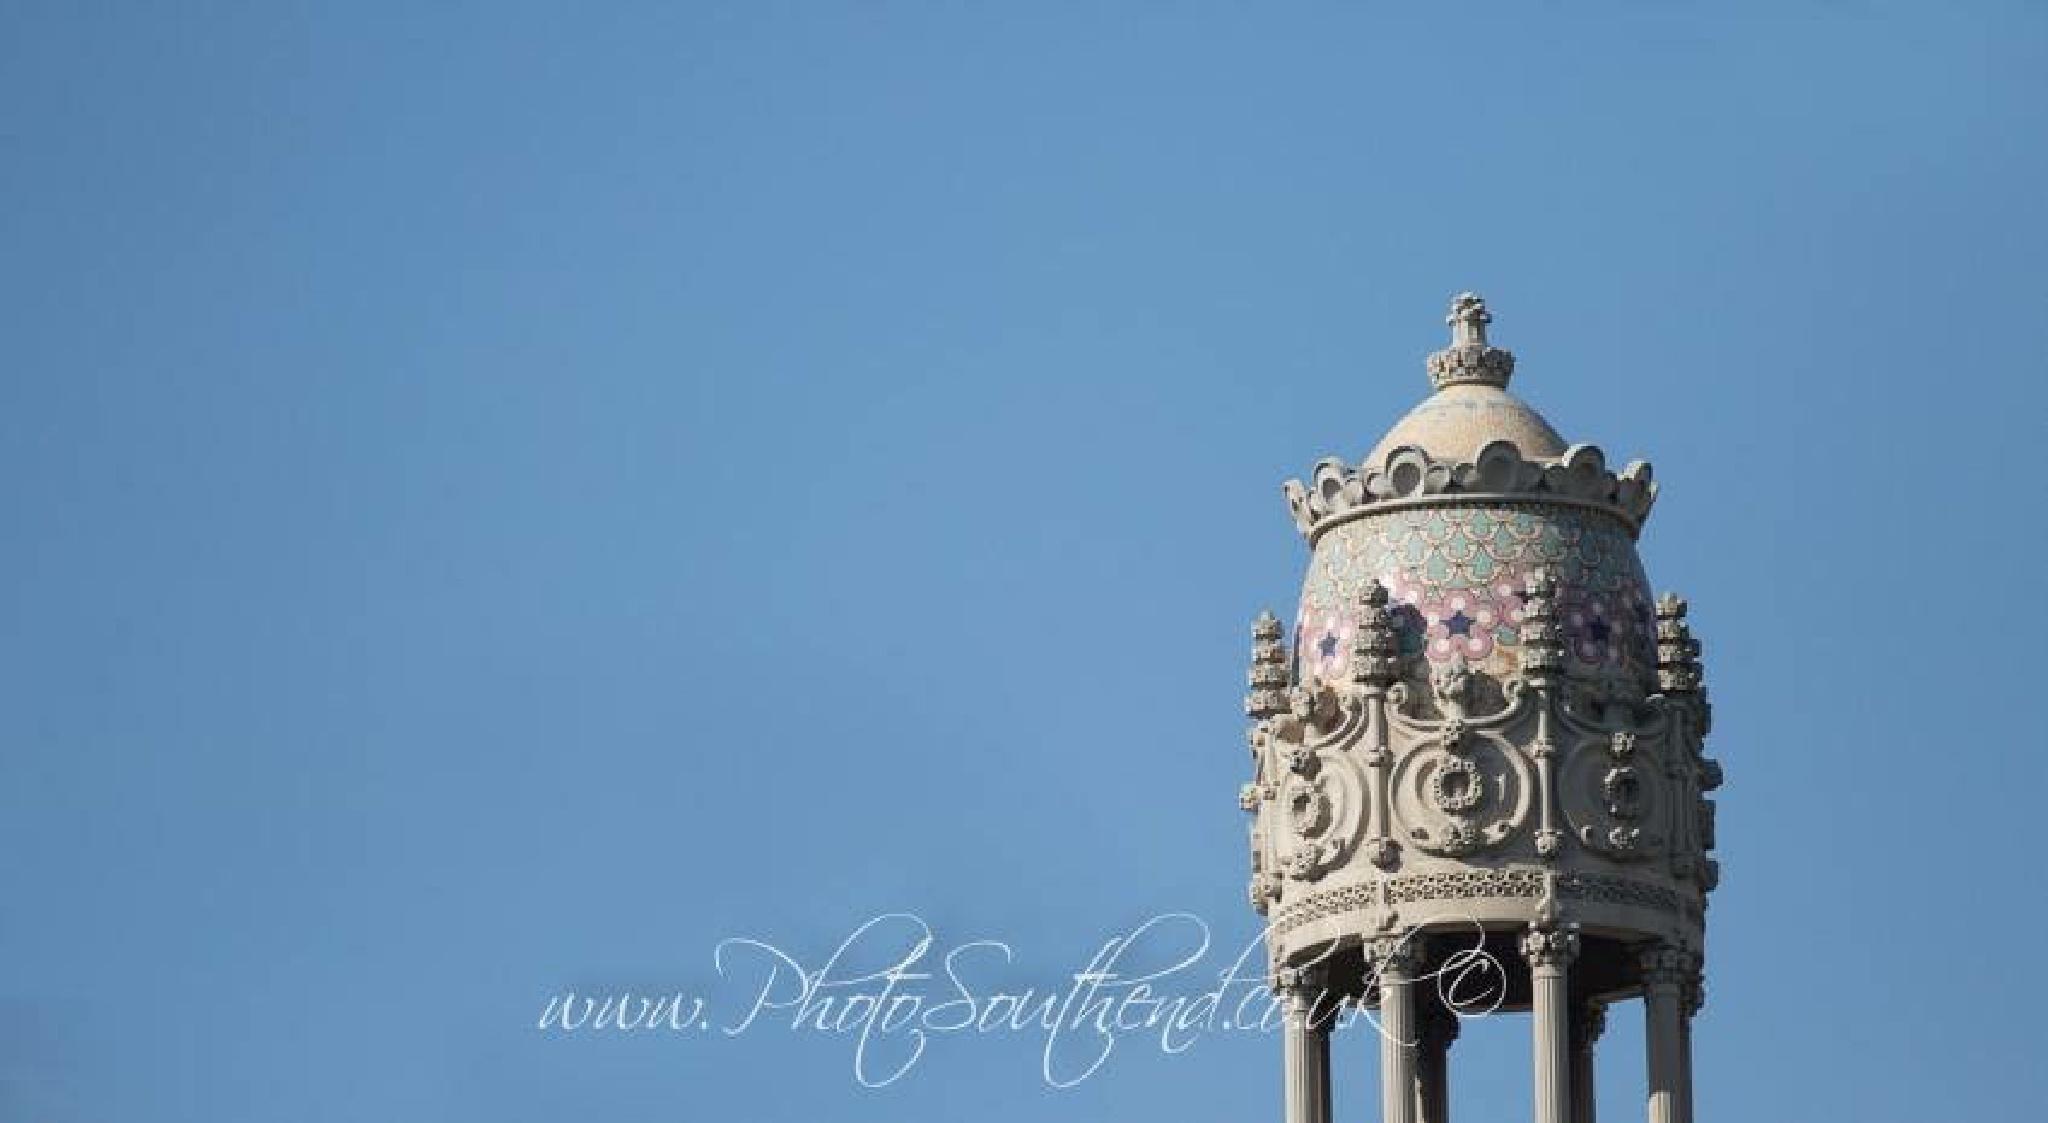 Barcelona  by Photo_Southend